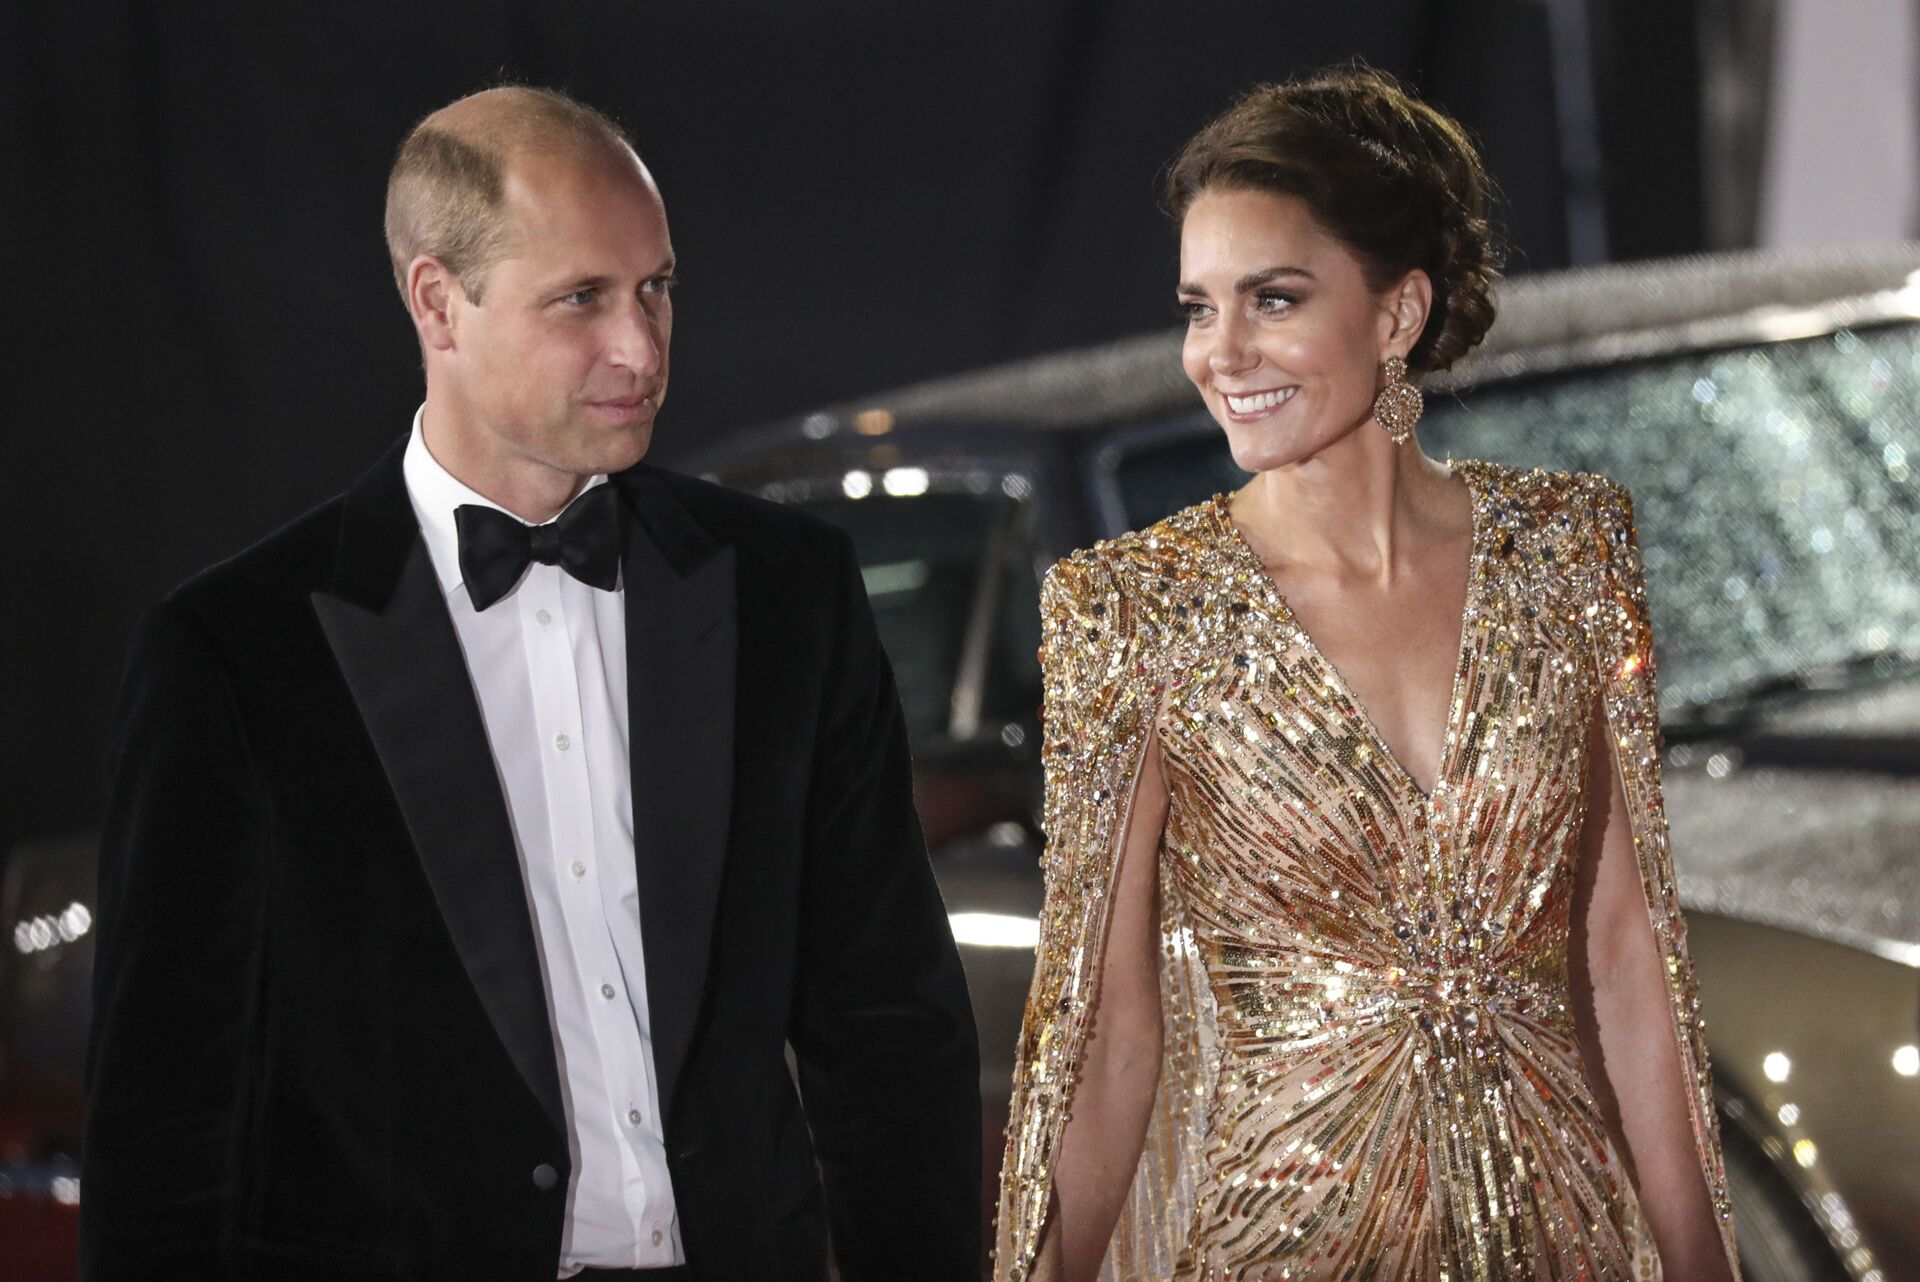 Princ William a Kate Middletonová - Sputnik Česká republika, 1920, 29.09.2021